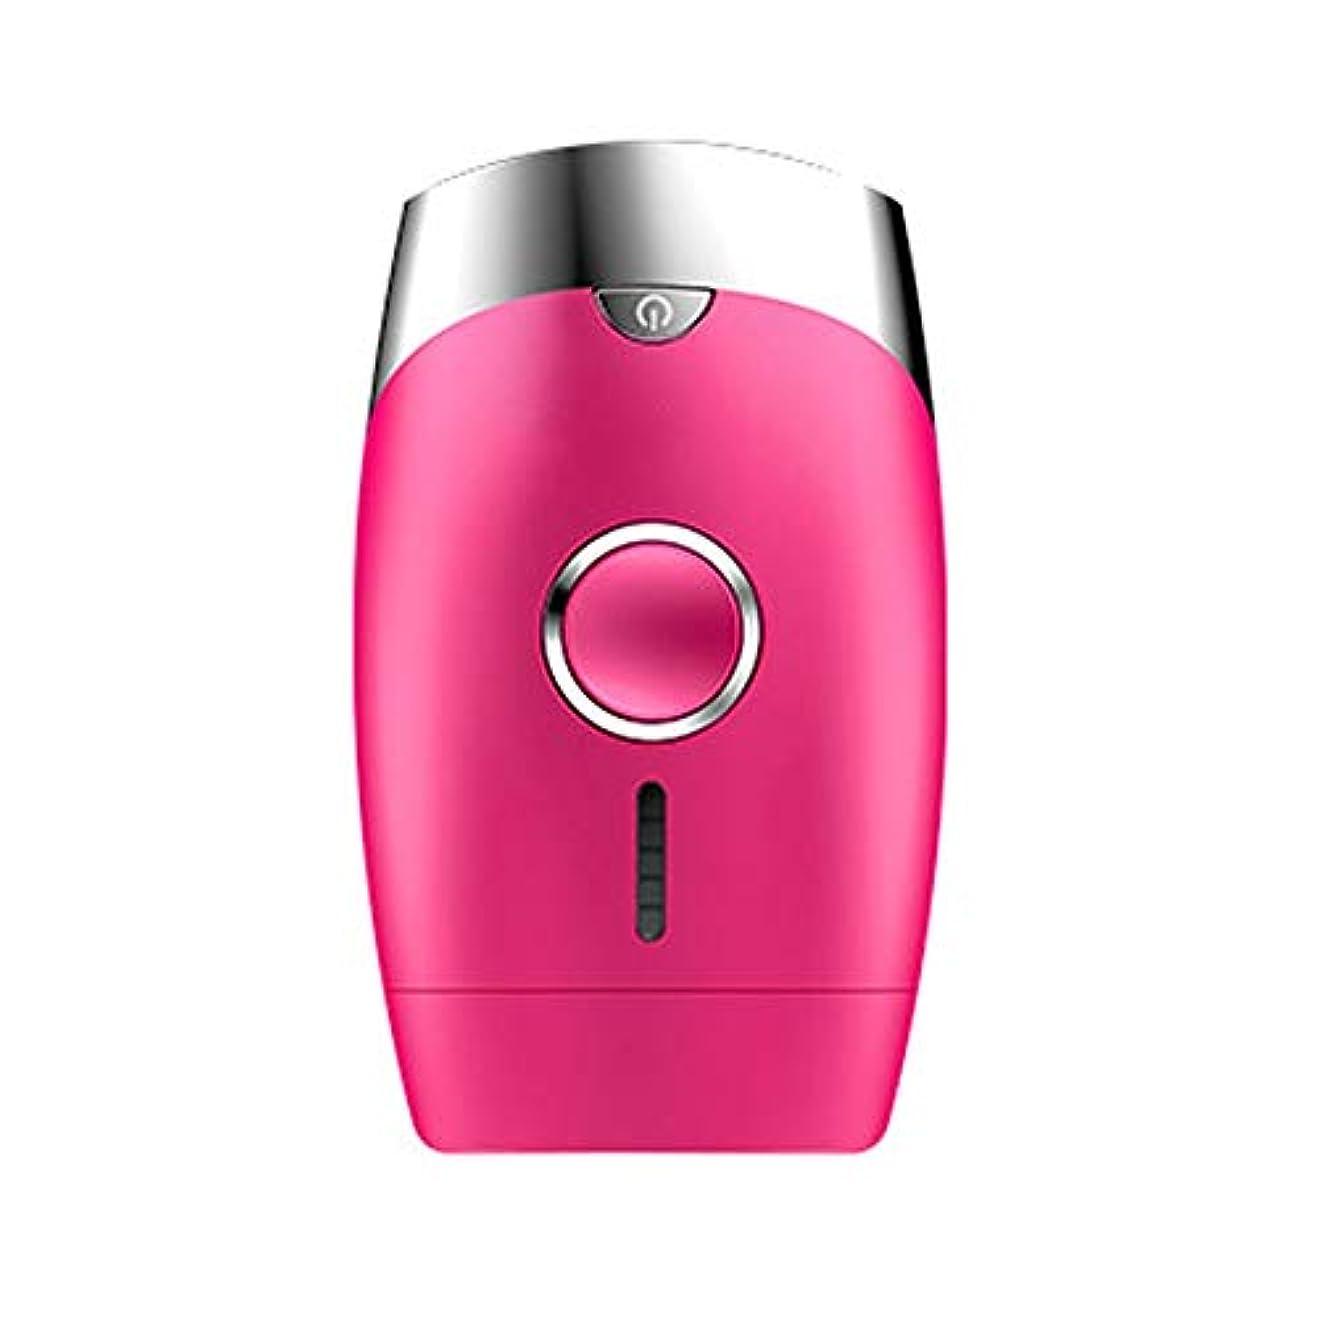 しばしば凝縮する祖父母を訪問ピンク、5スピード調整、インテリジェント家庭用痛みのない凝固点ヘアリムーバー、シングルフラッシュ/連続フラッシュ、サイズ13.9 X 8.3 X 4.8 Cm 安全性 (Color : Pink)